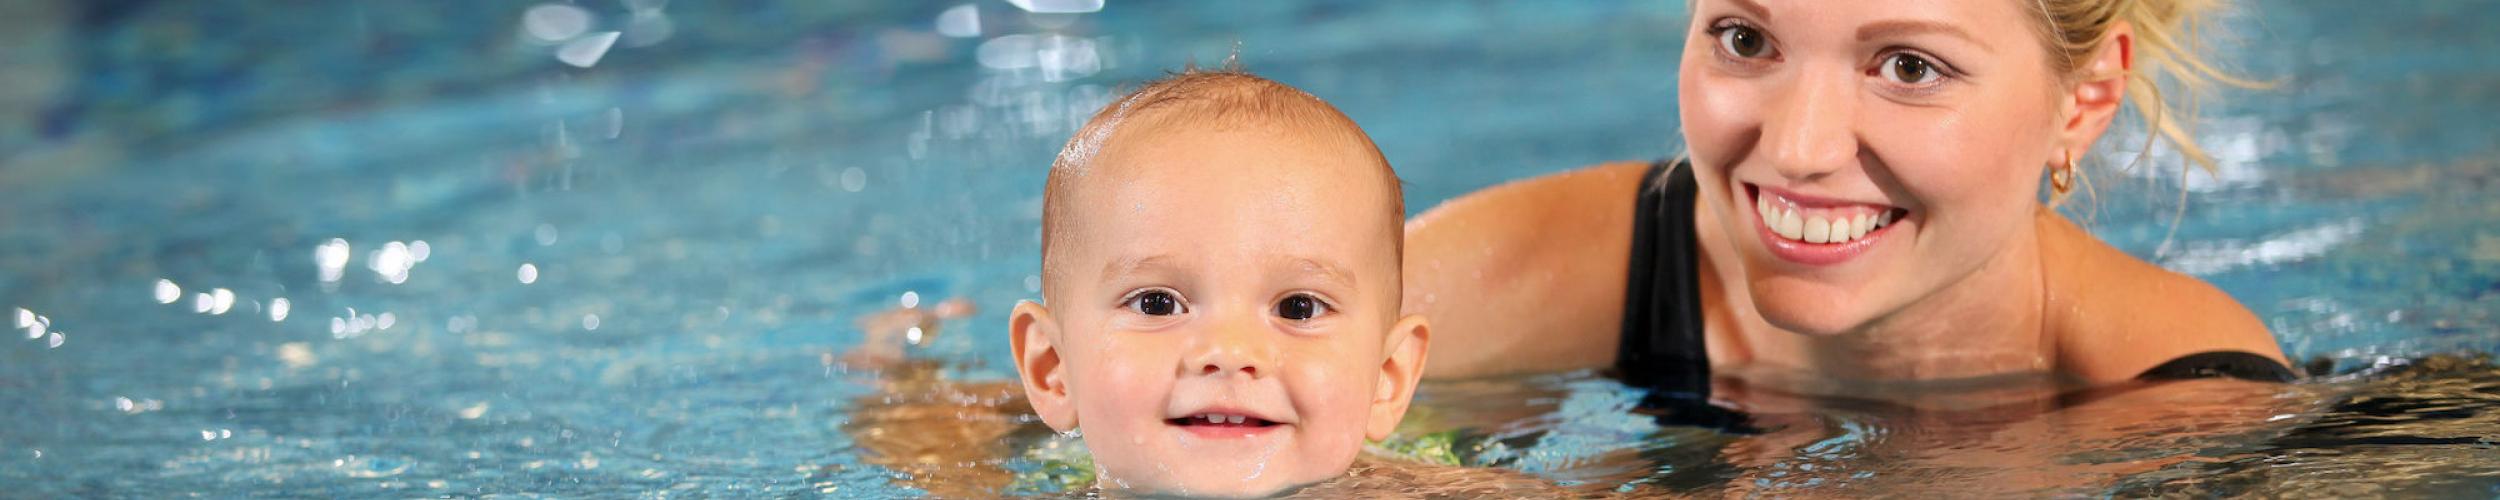 Zwemmen voor kinderen vanaf 6 maanden